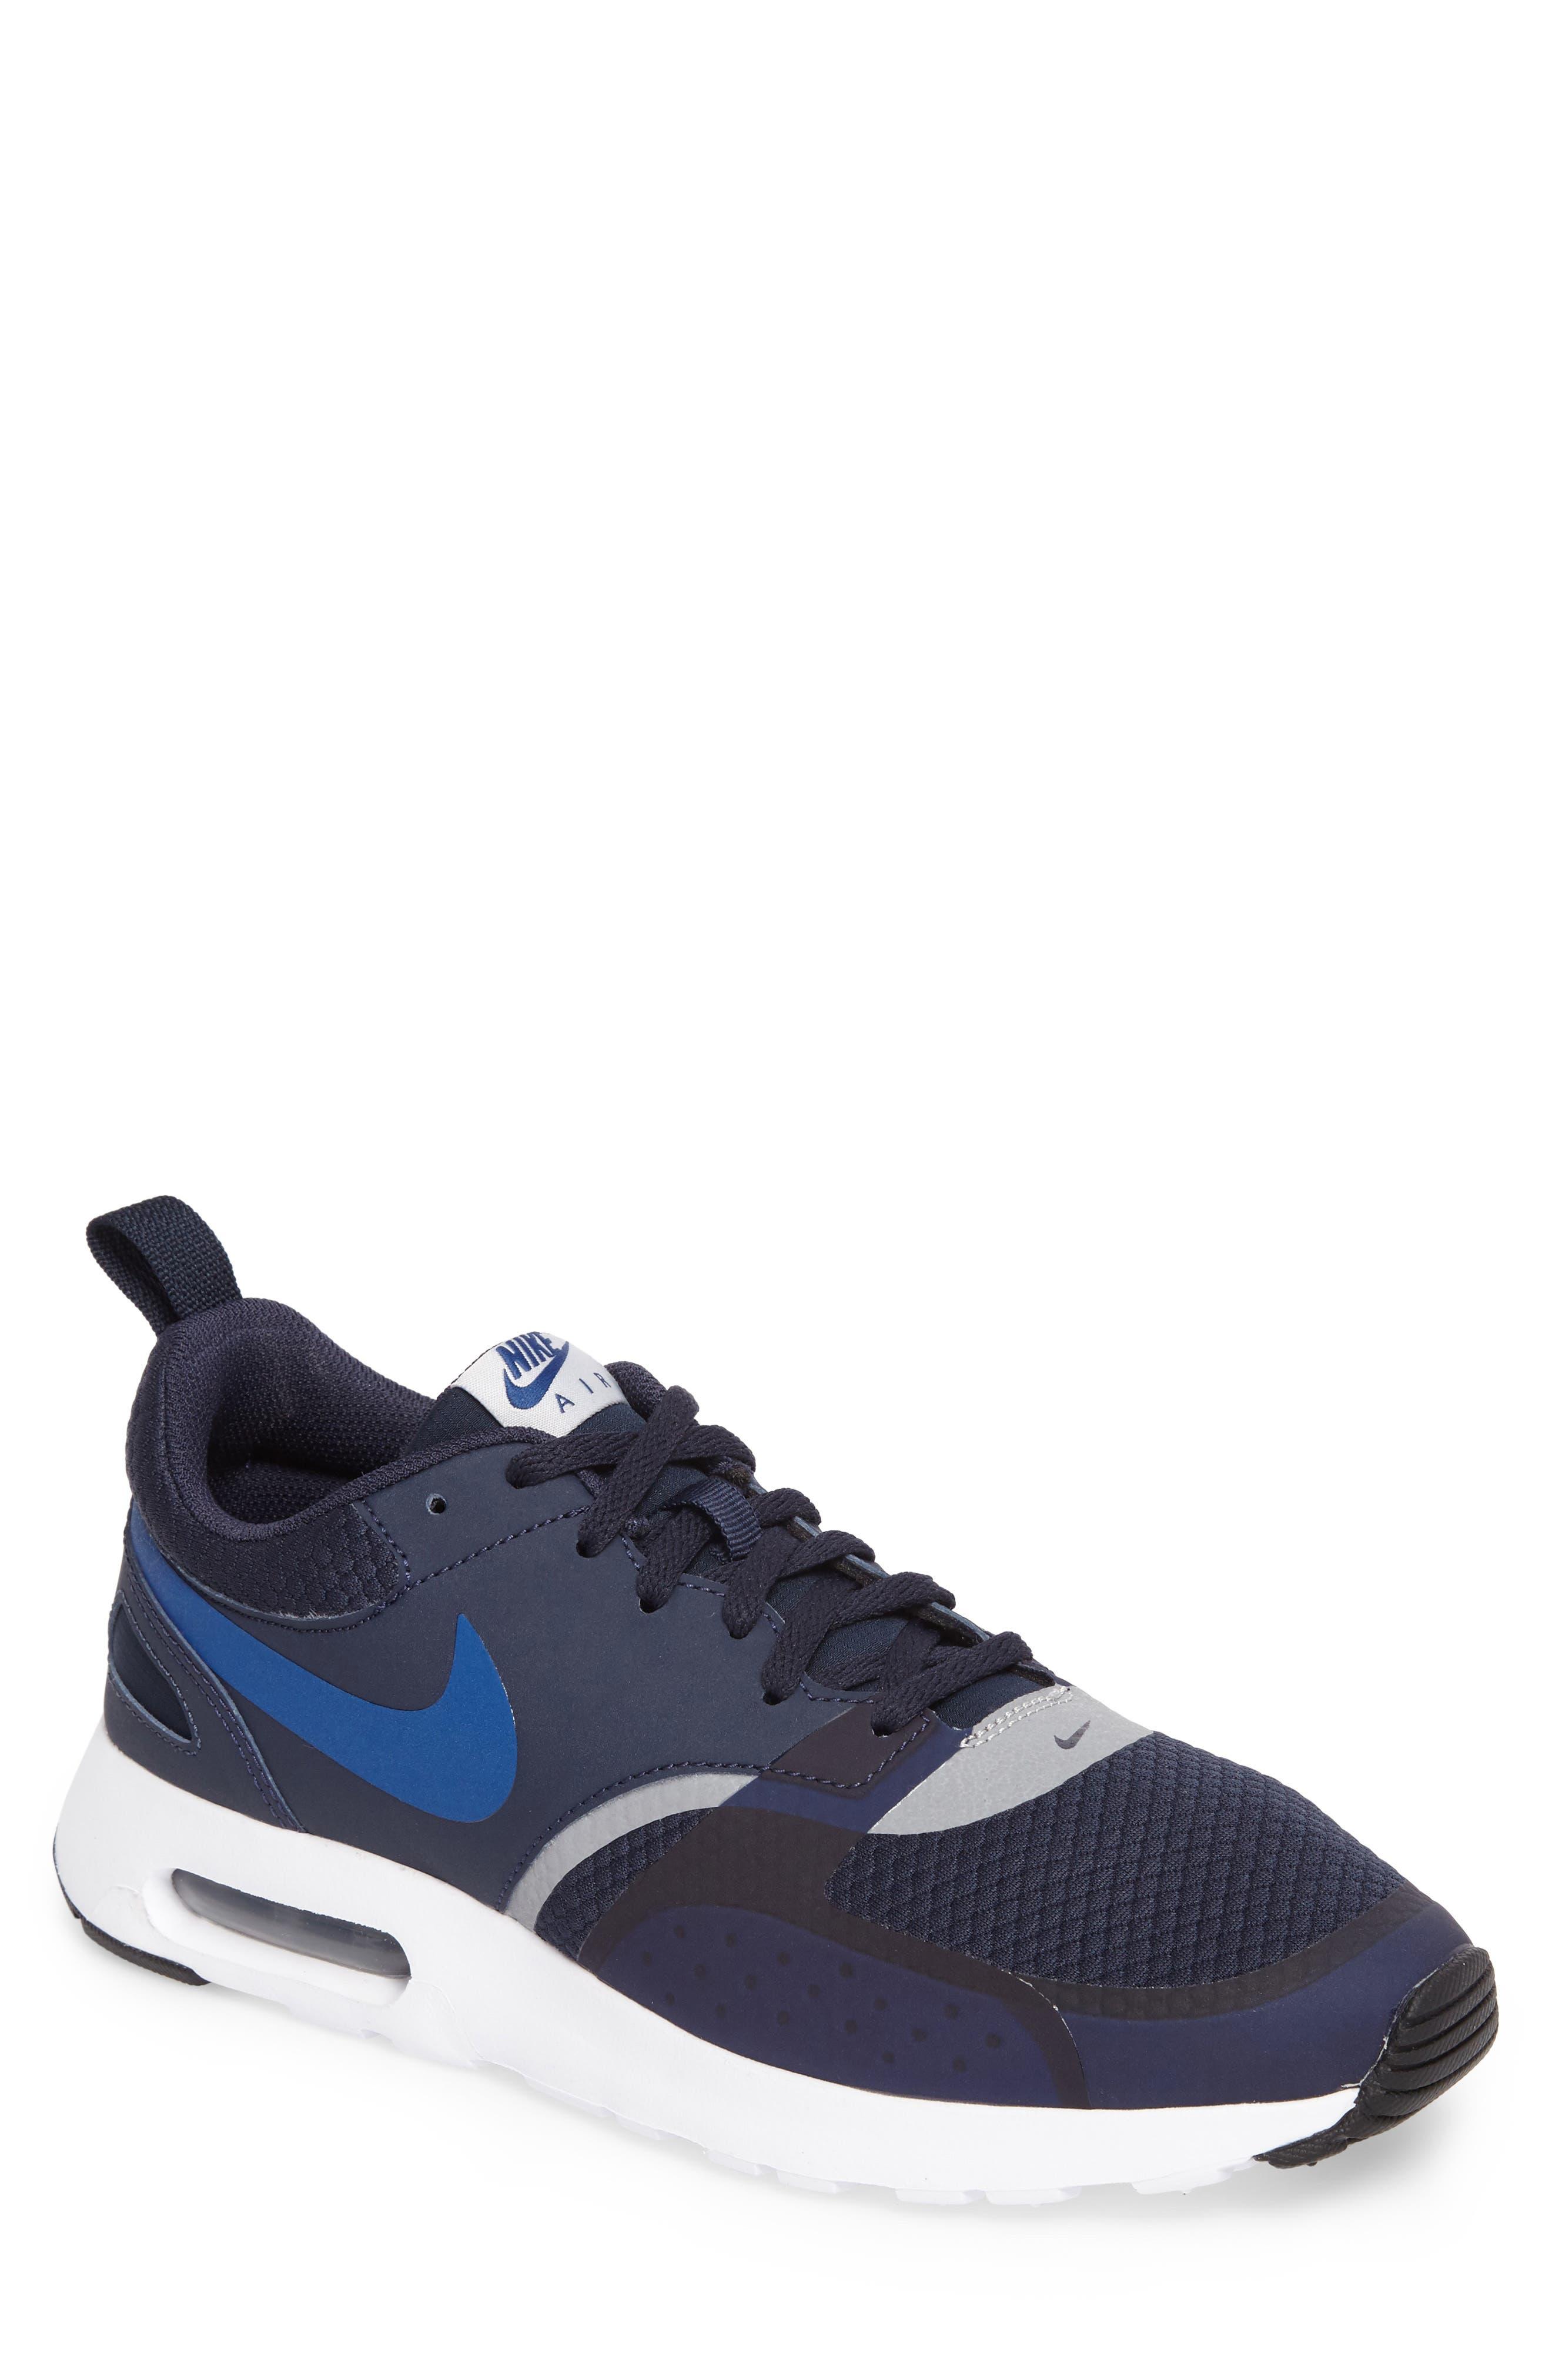 Main Image - Nike Air Max Vision SE Sneaker (Men)